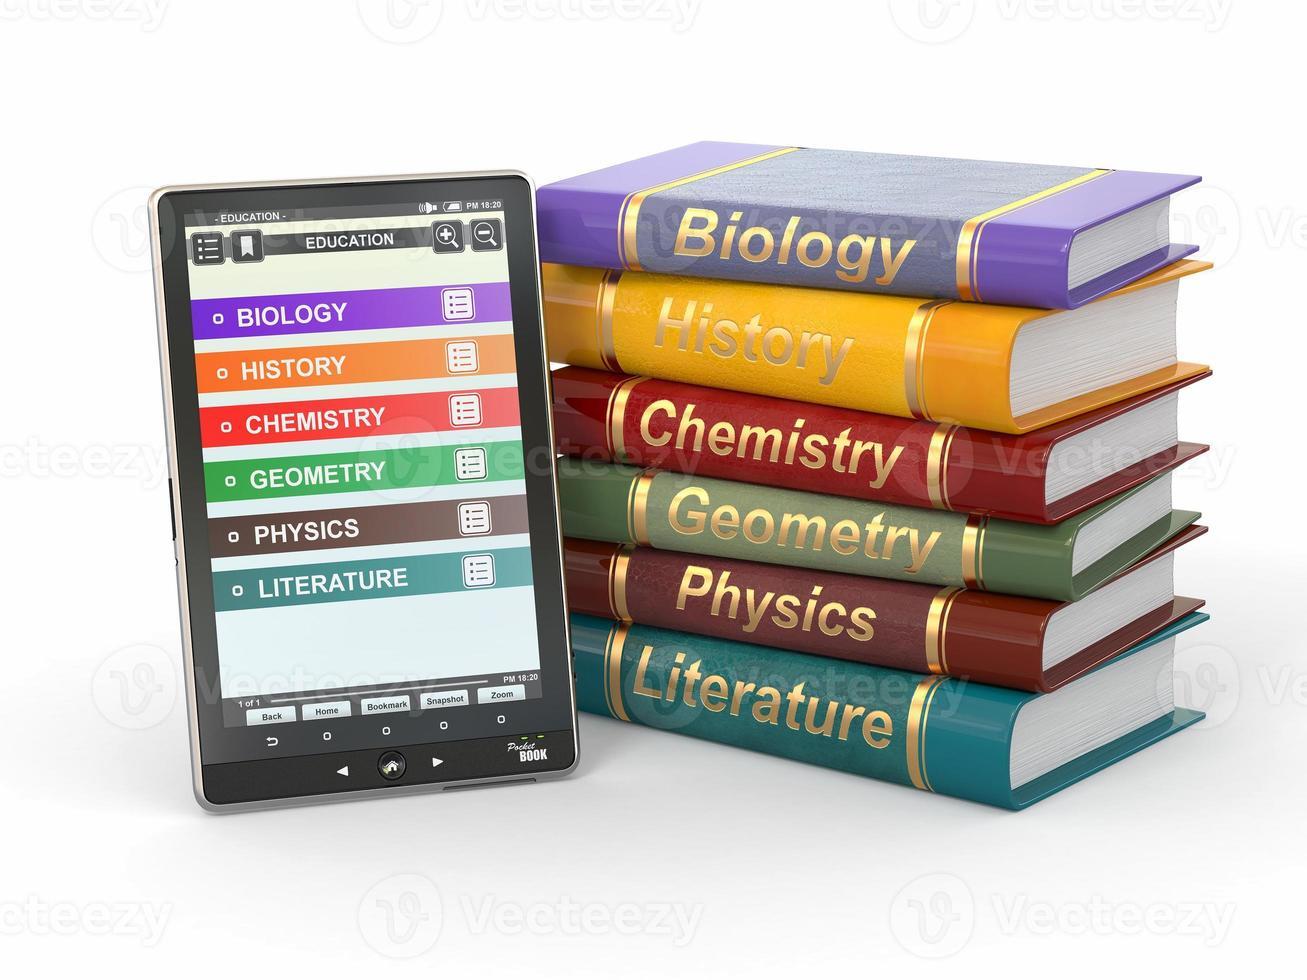 lecteur ebook. manuels et tablet pc photo